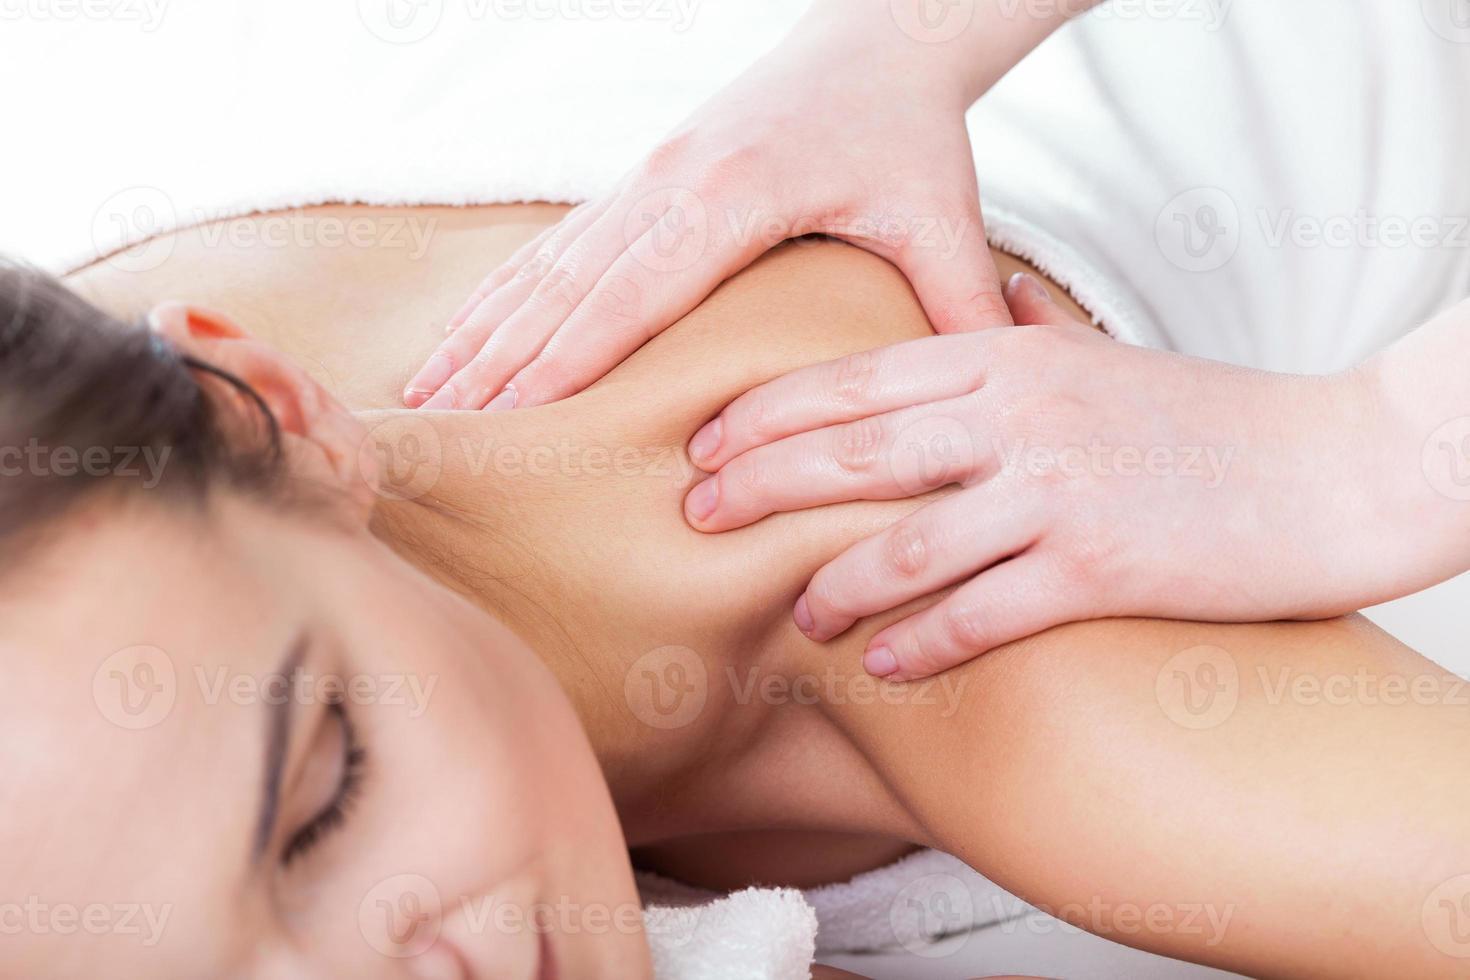 mãos massageando pescoço feminino foto